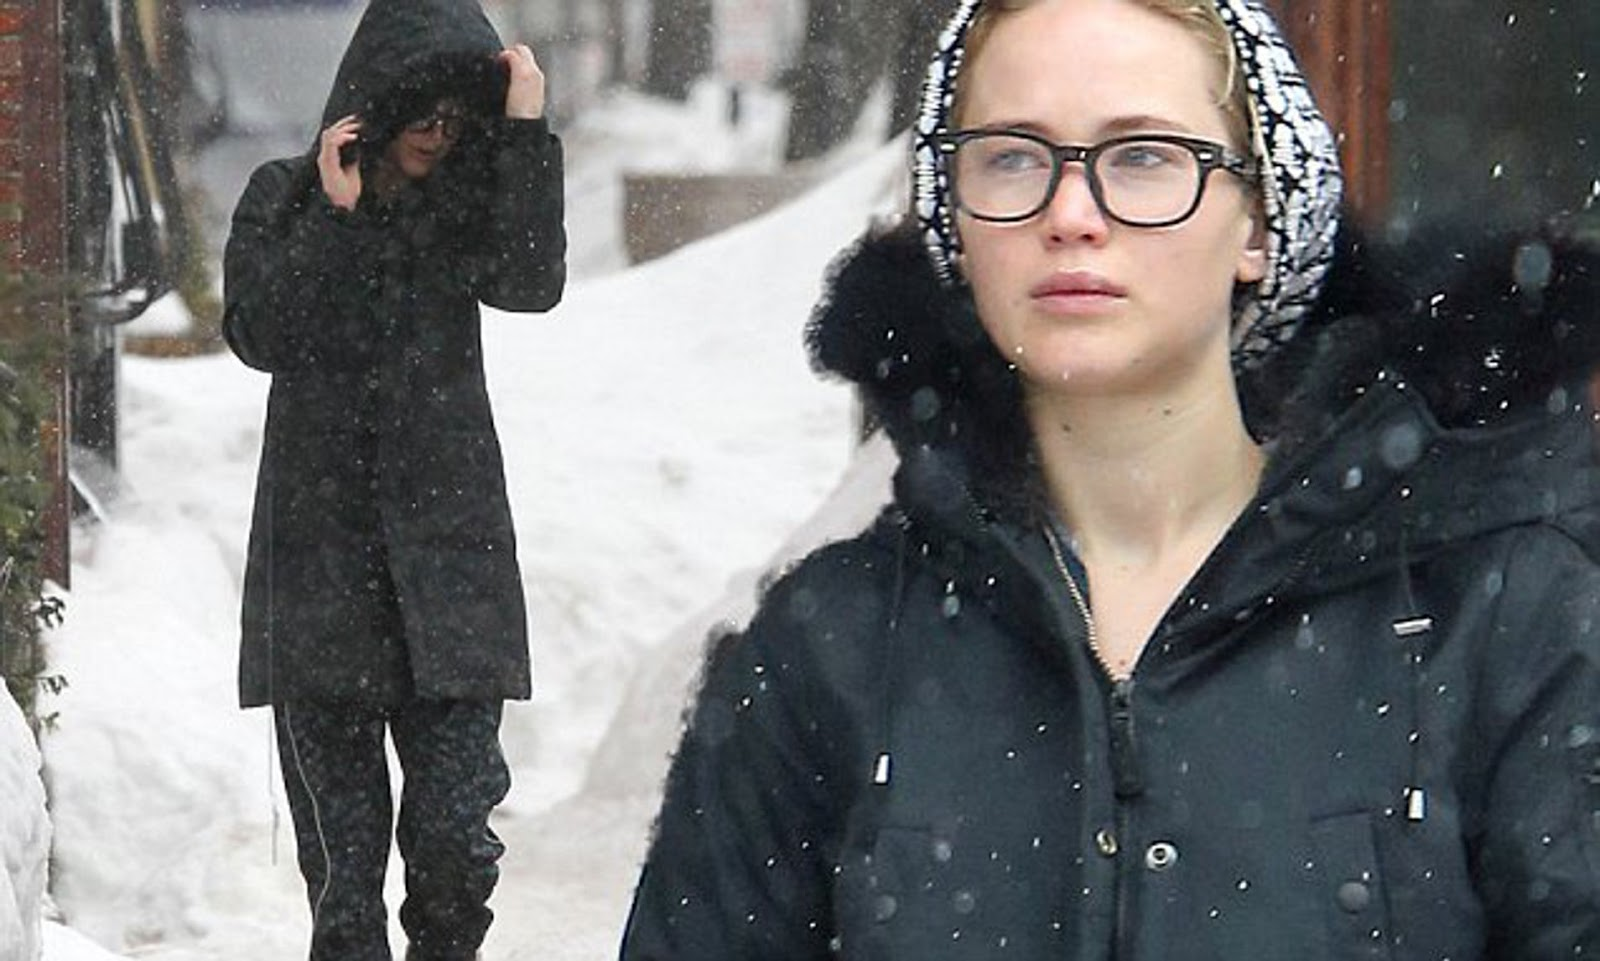 Jennifer is in the snowy weather